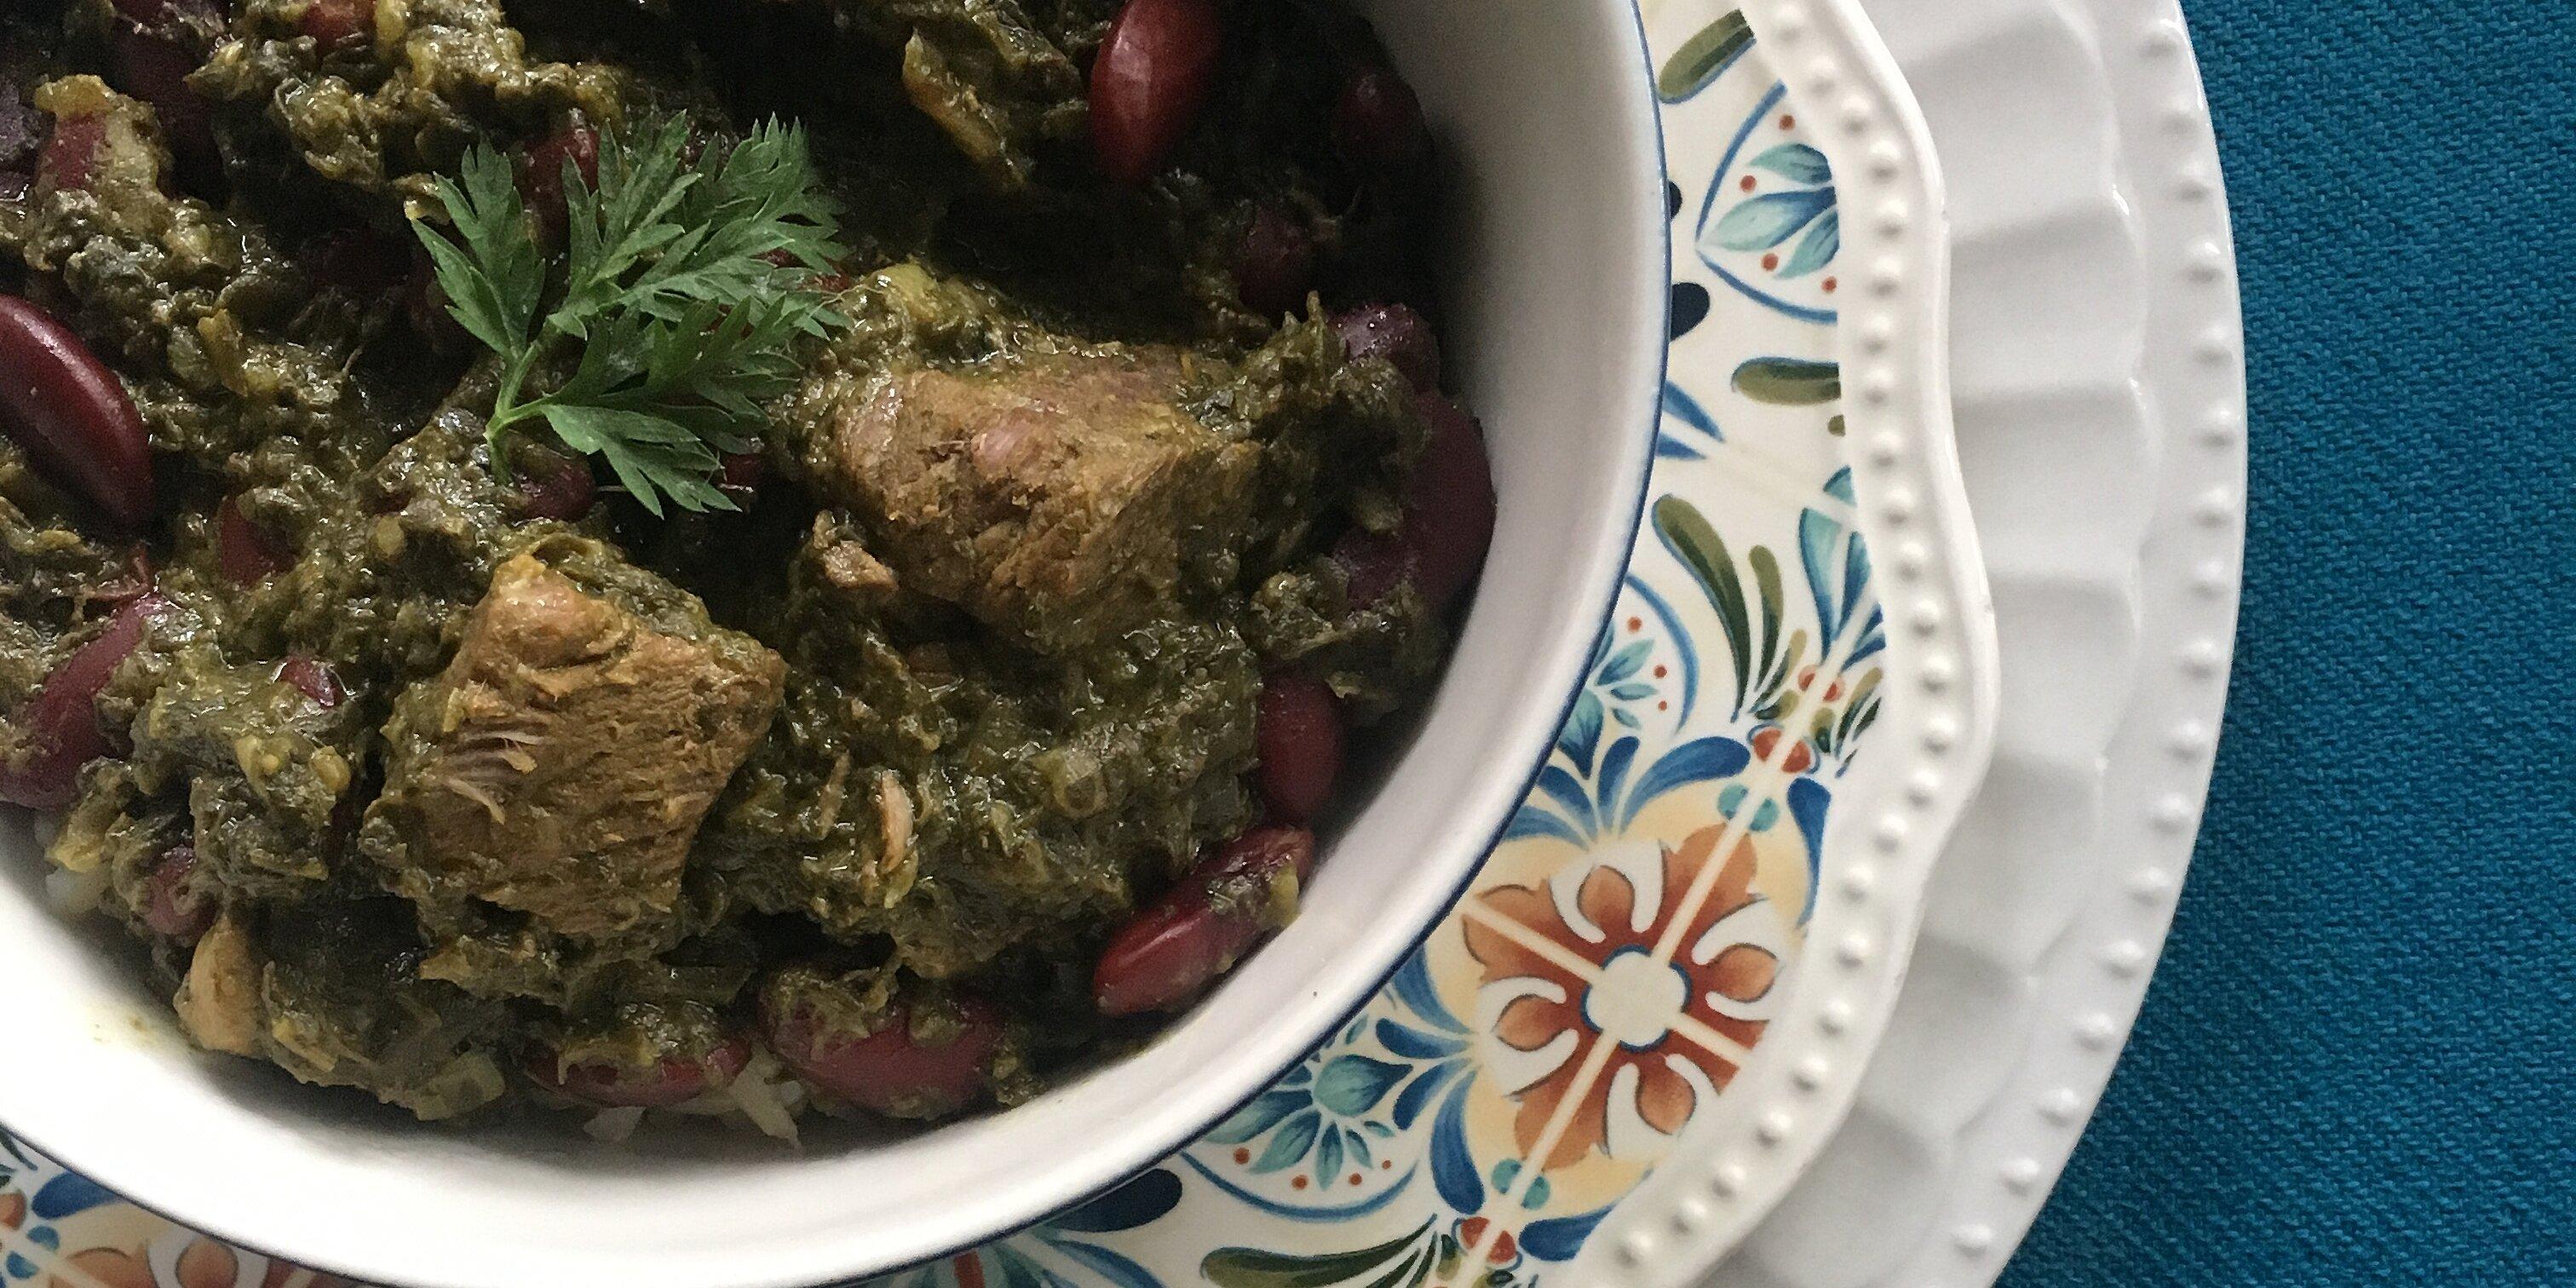 ghormeh sabzi persian herb stew recipe